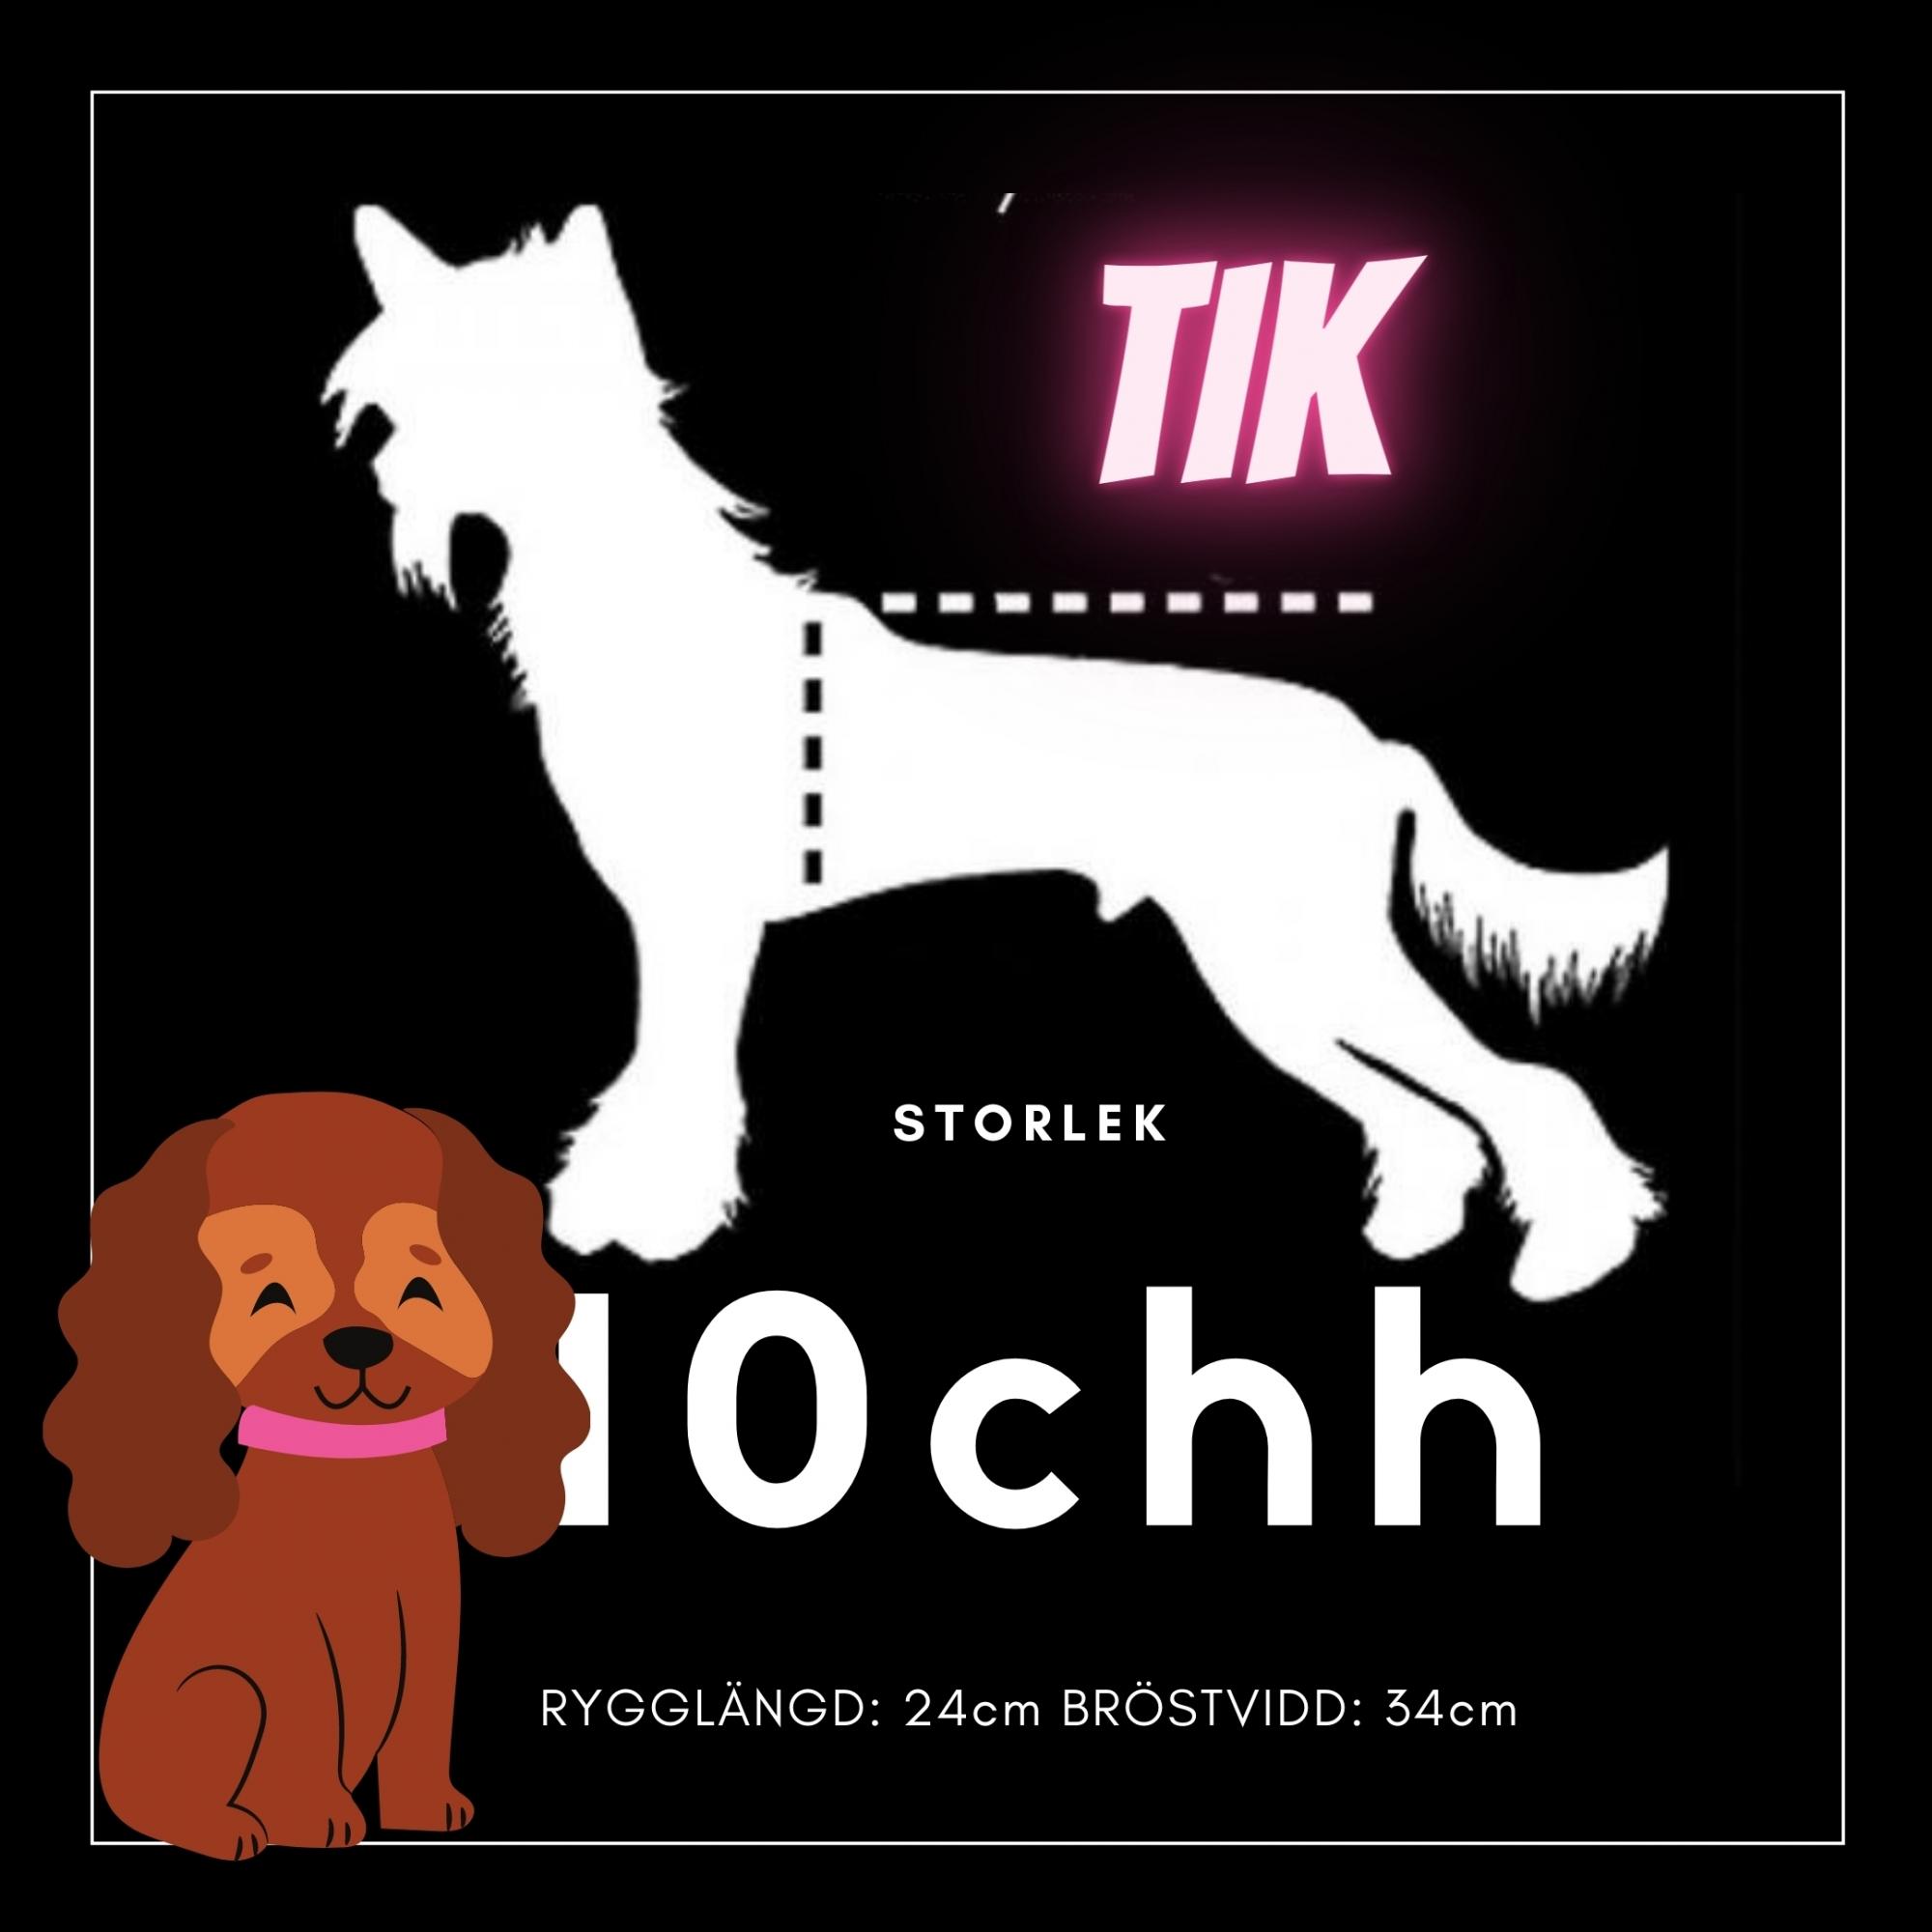 Tik Storlek 10chh - Passion For Pet Fashion